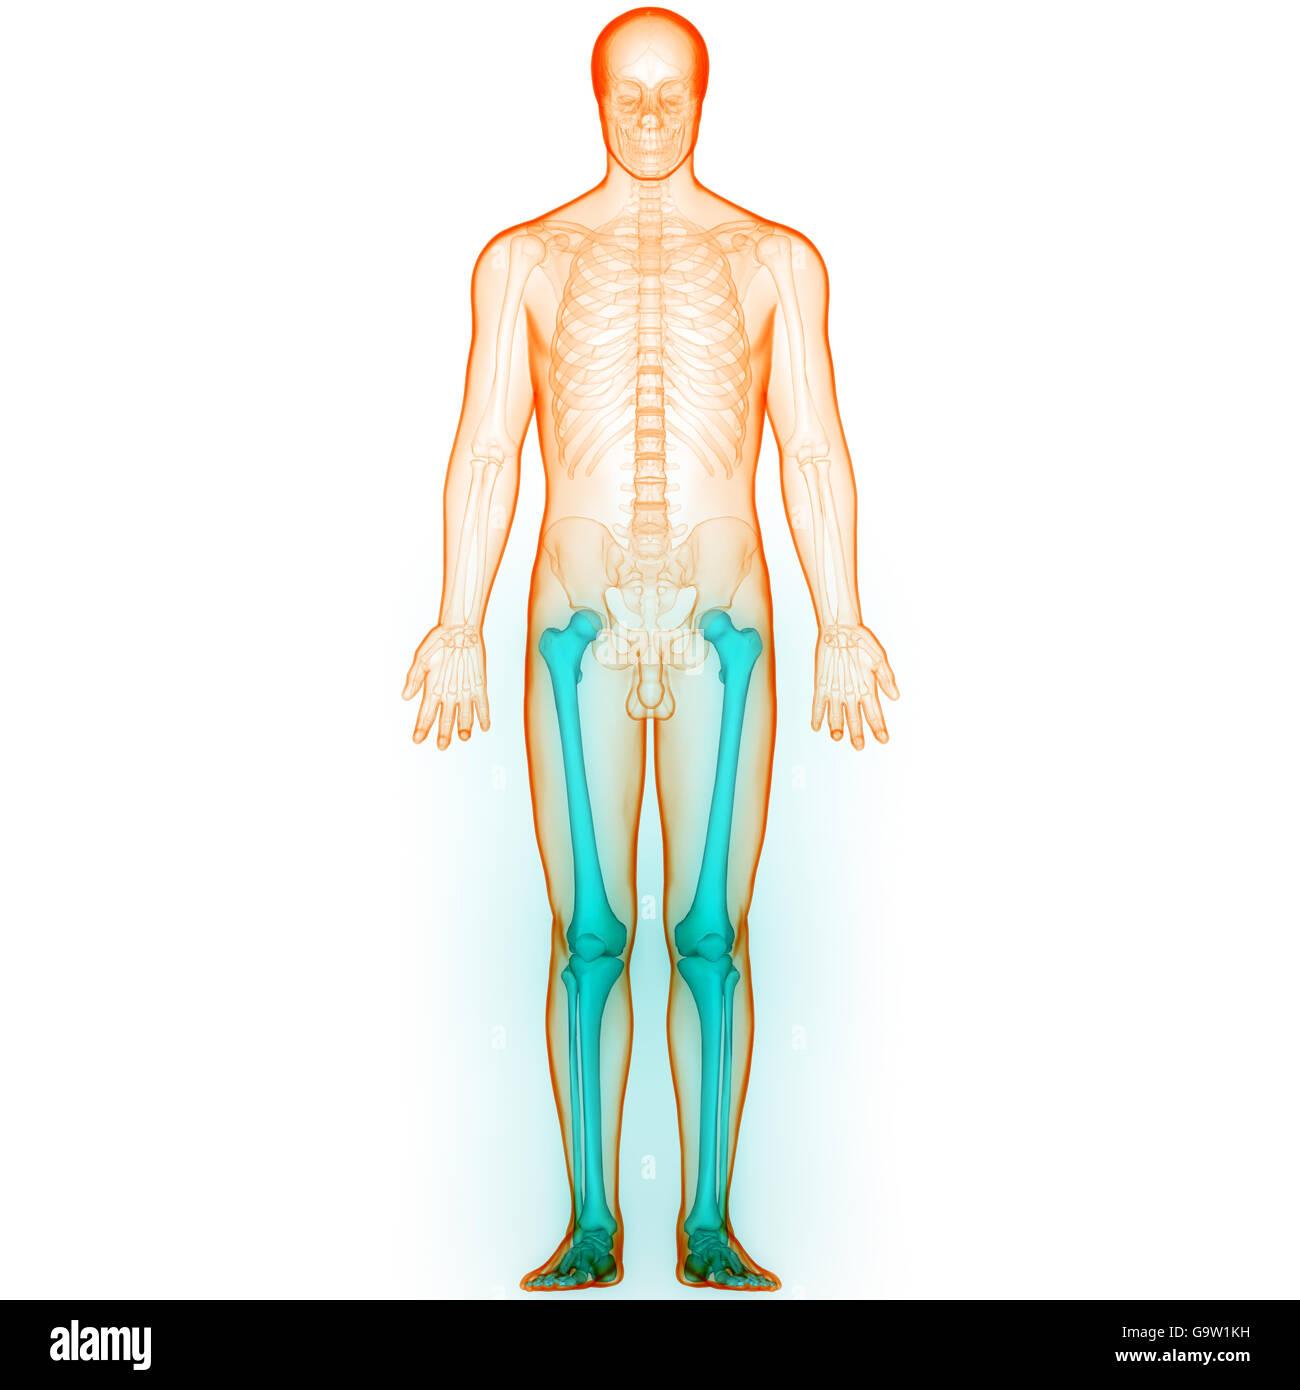 Niedlich Knochen Menschlichen Körper Ideen - Menschliche Anatomie ...